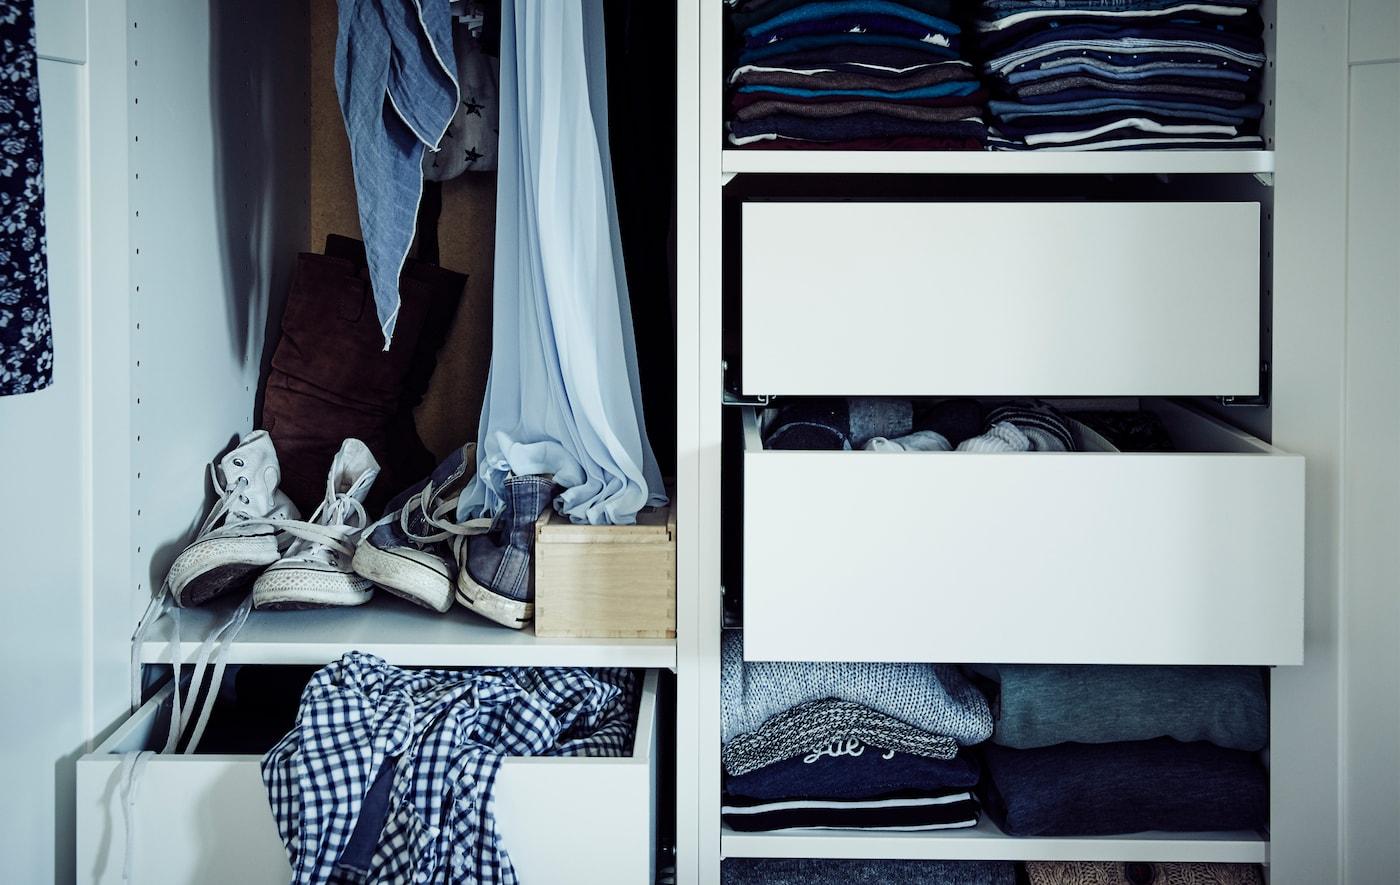 Das Innenleben eines Kleiderschranks mit Regalböden, Schubladen und Platz für hängende Kleidung